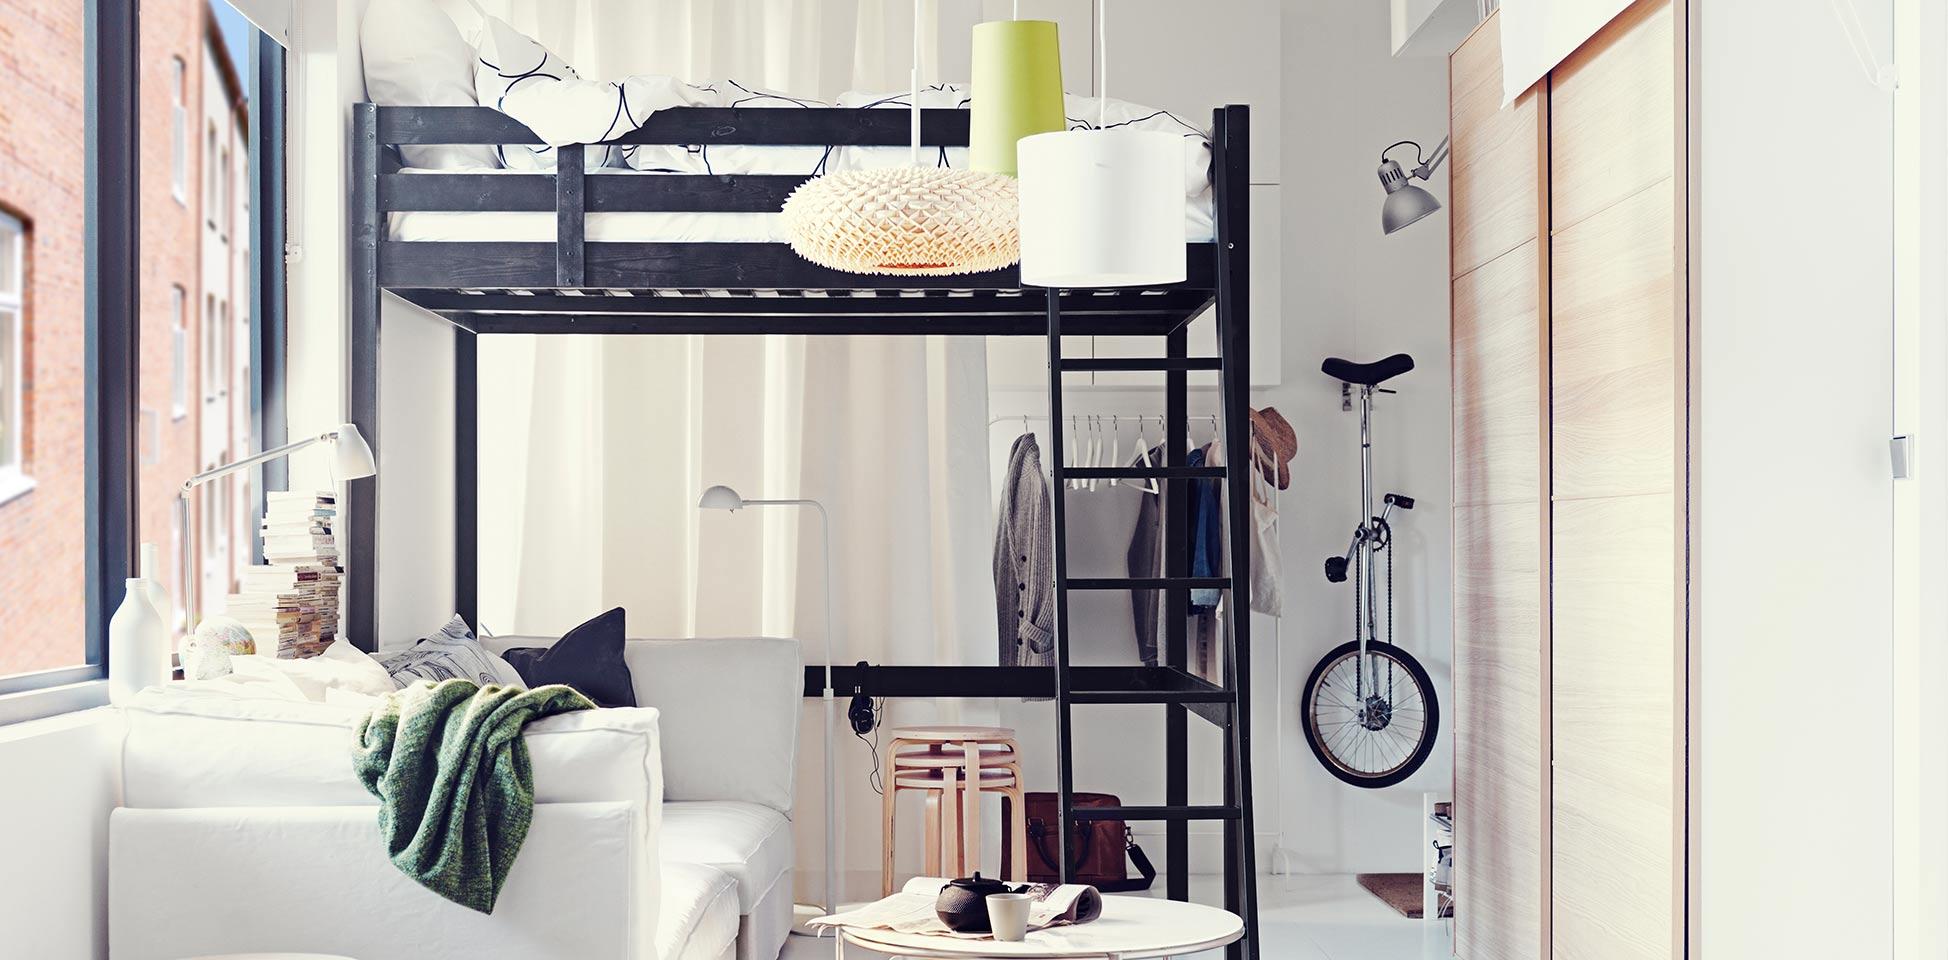 Cmo organizar los espacios pequeos Decoracin de interiores